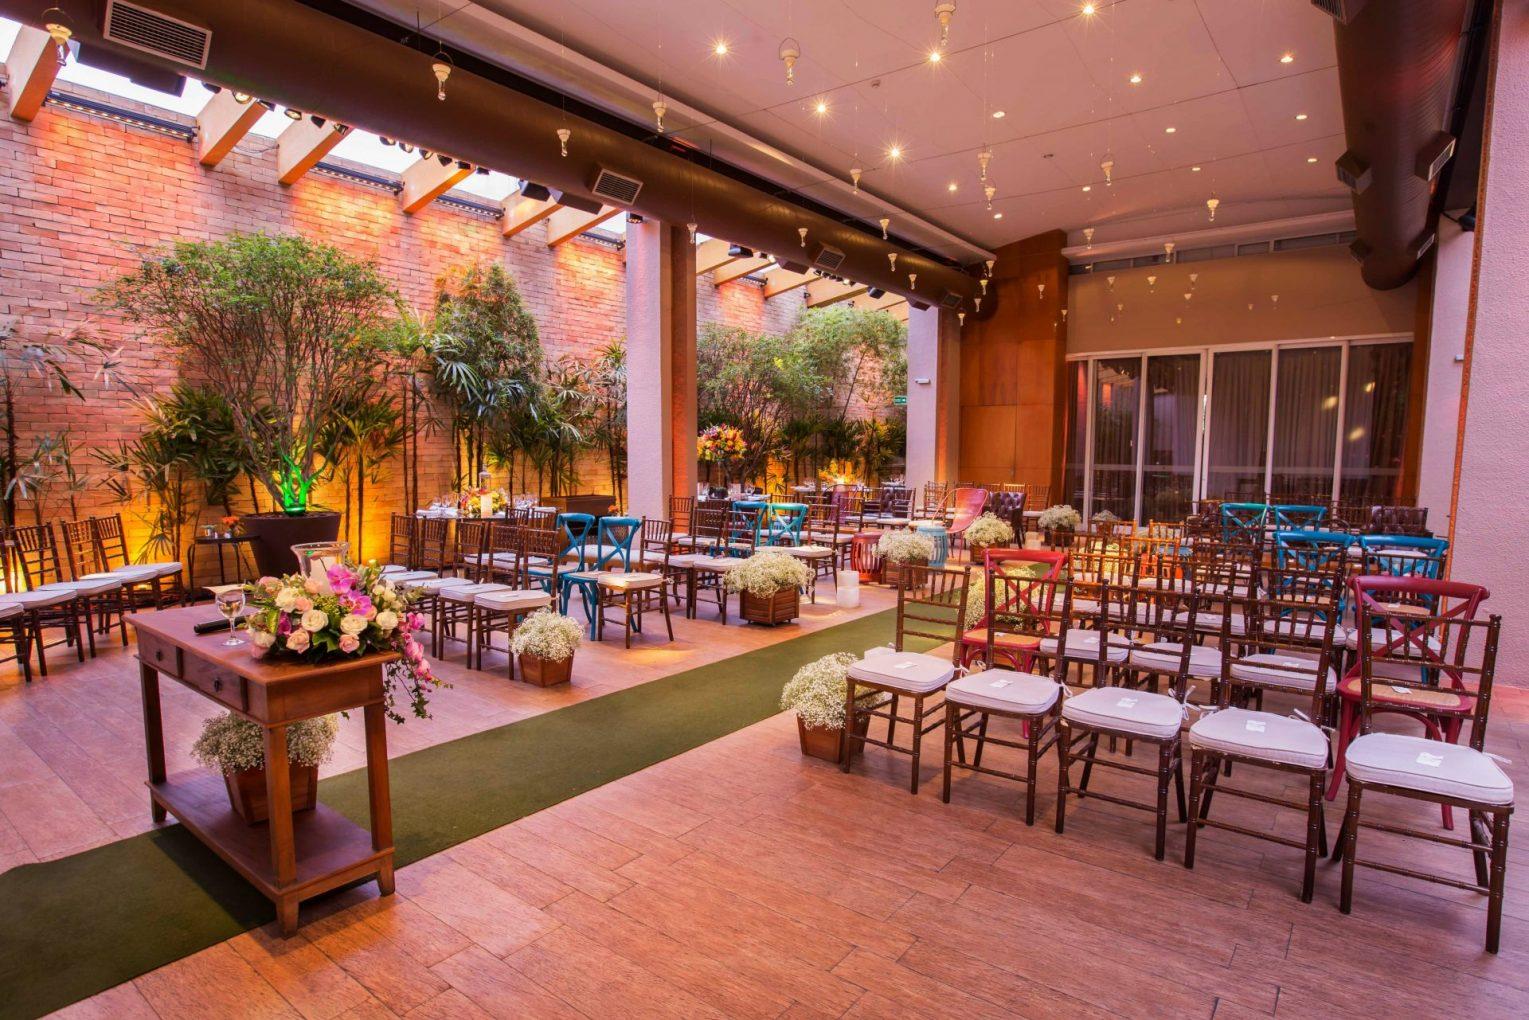 Espaço para Cerimônias + Festa de Casamento: 4 vantagens dessa união!